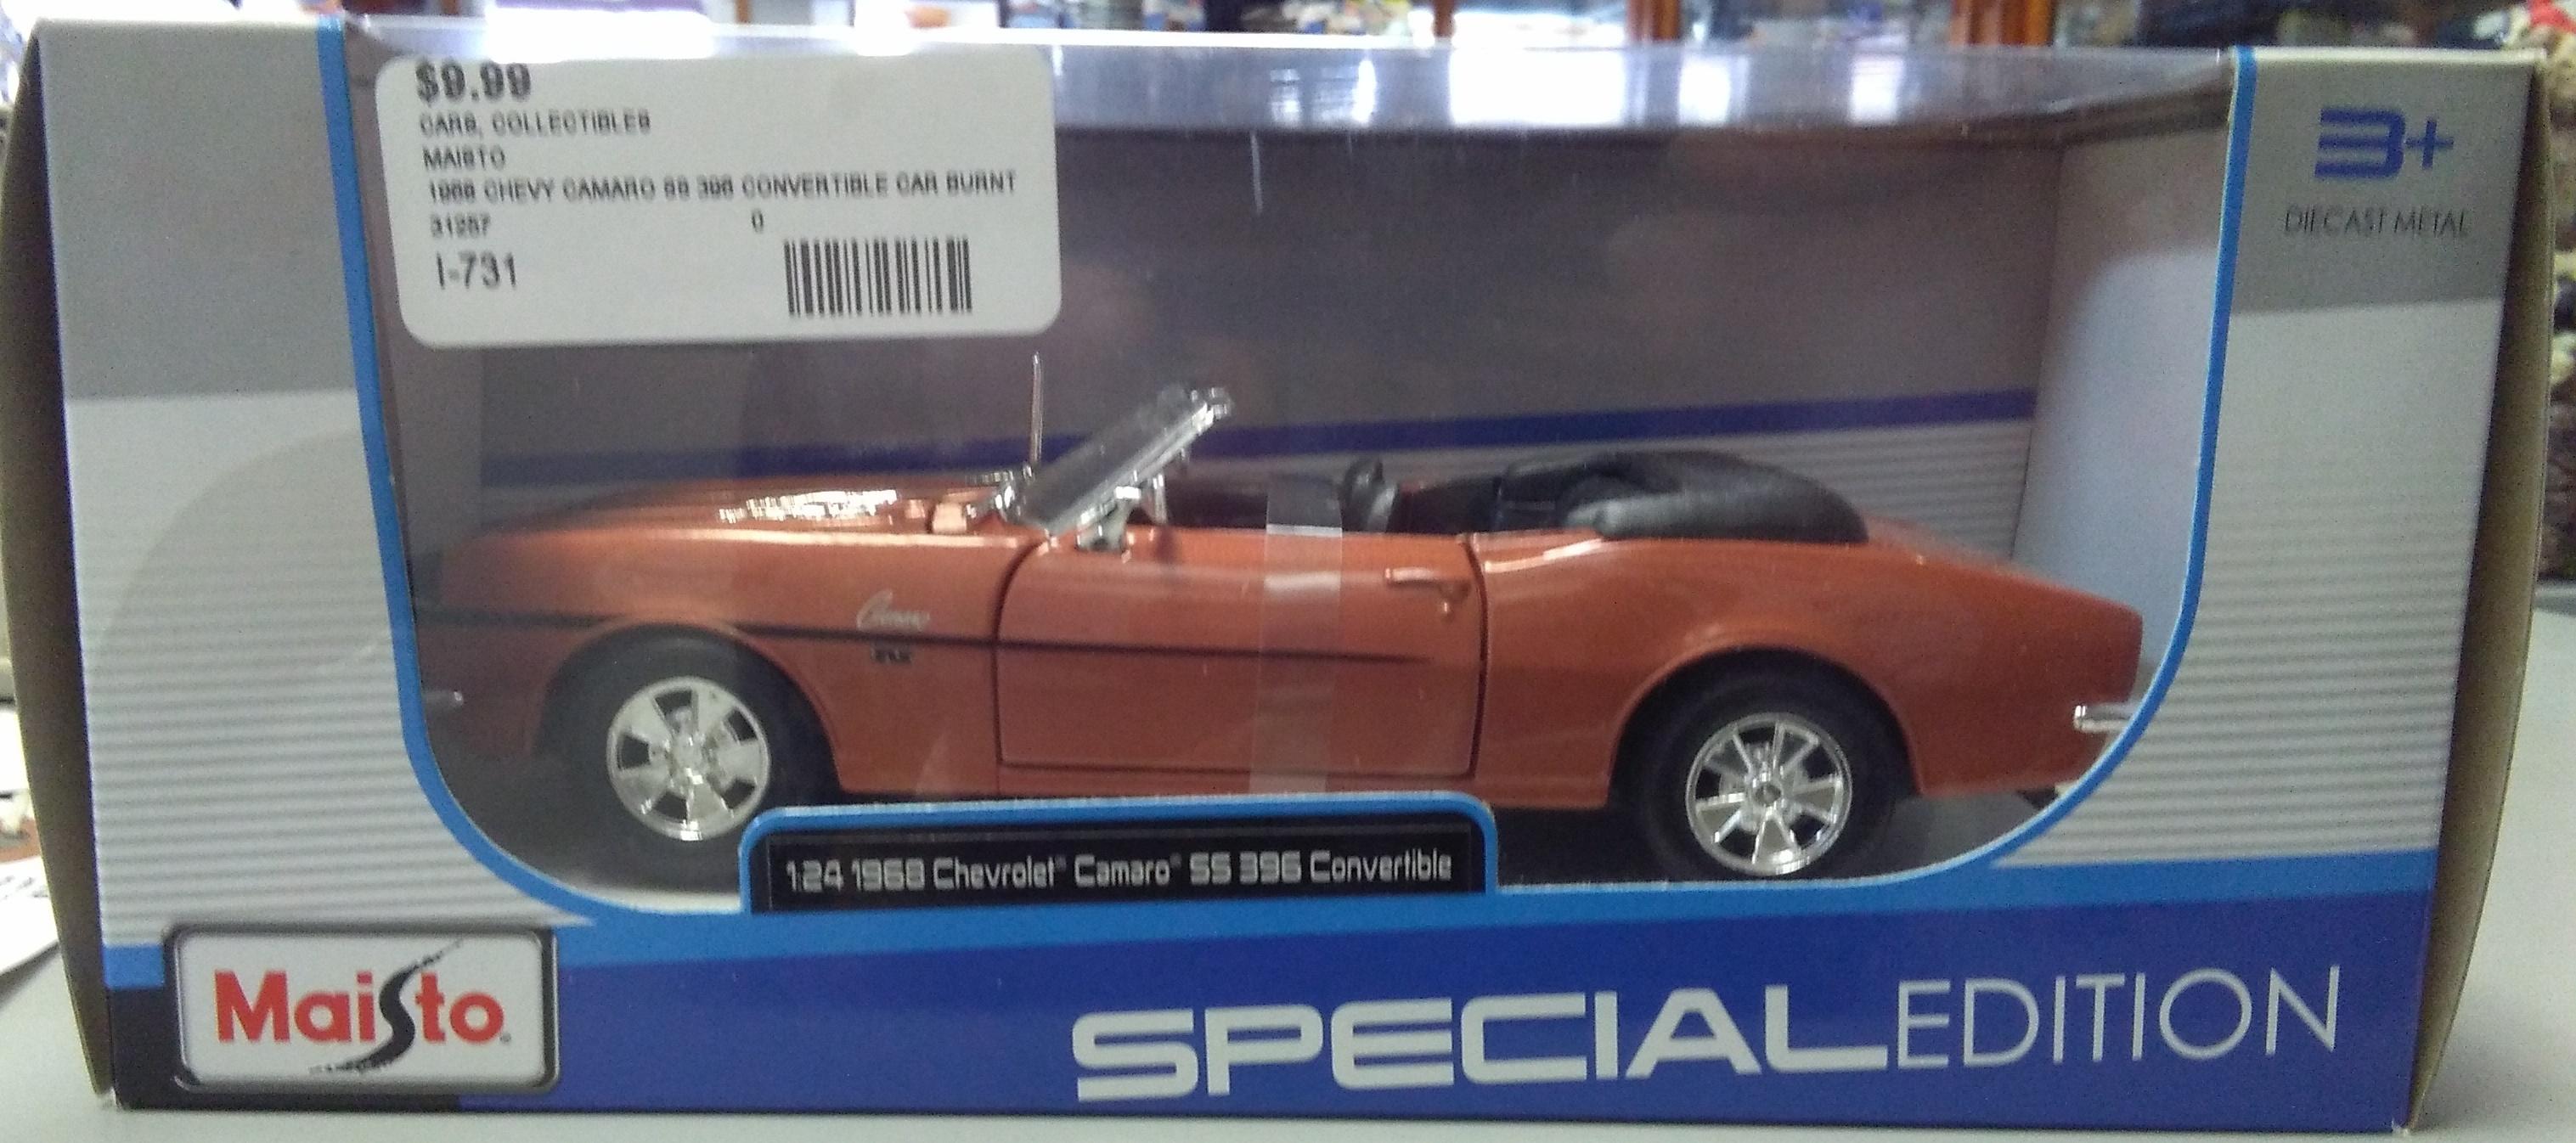 MAISTO Special Edition 1968 Chevrolet Camero SS 396 Convertible